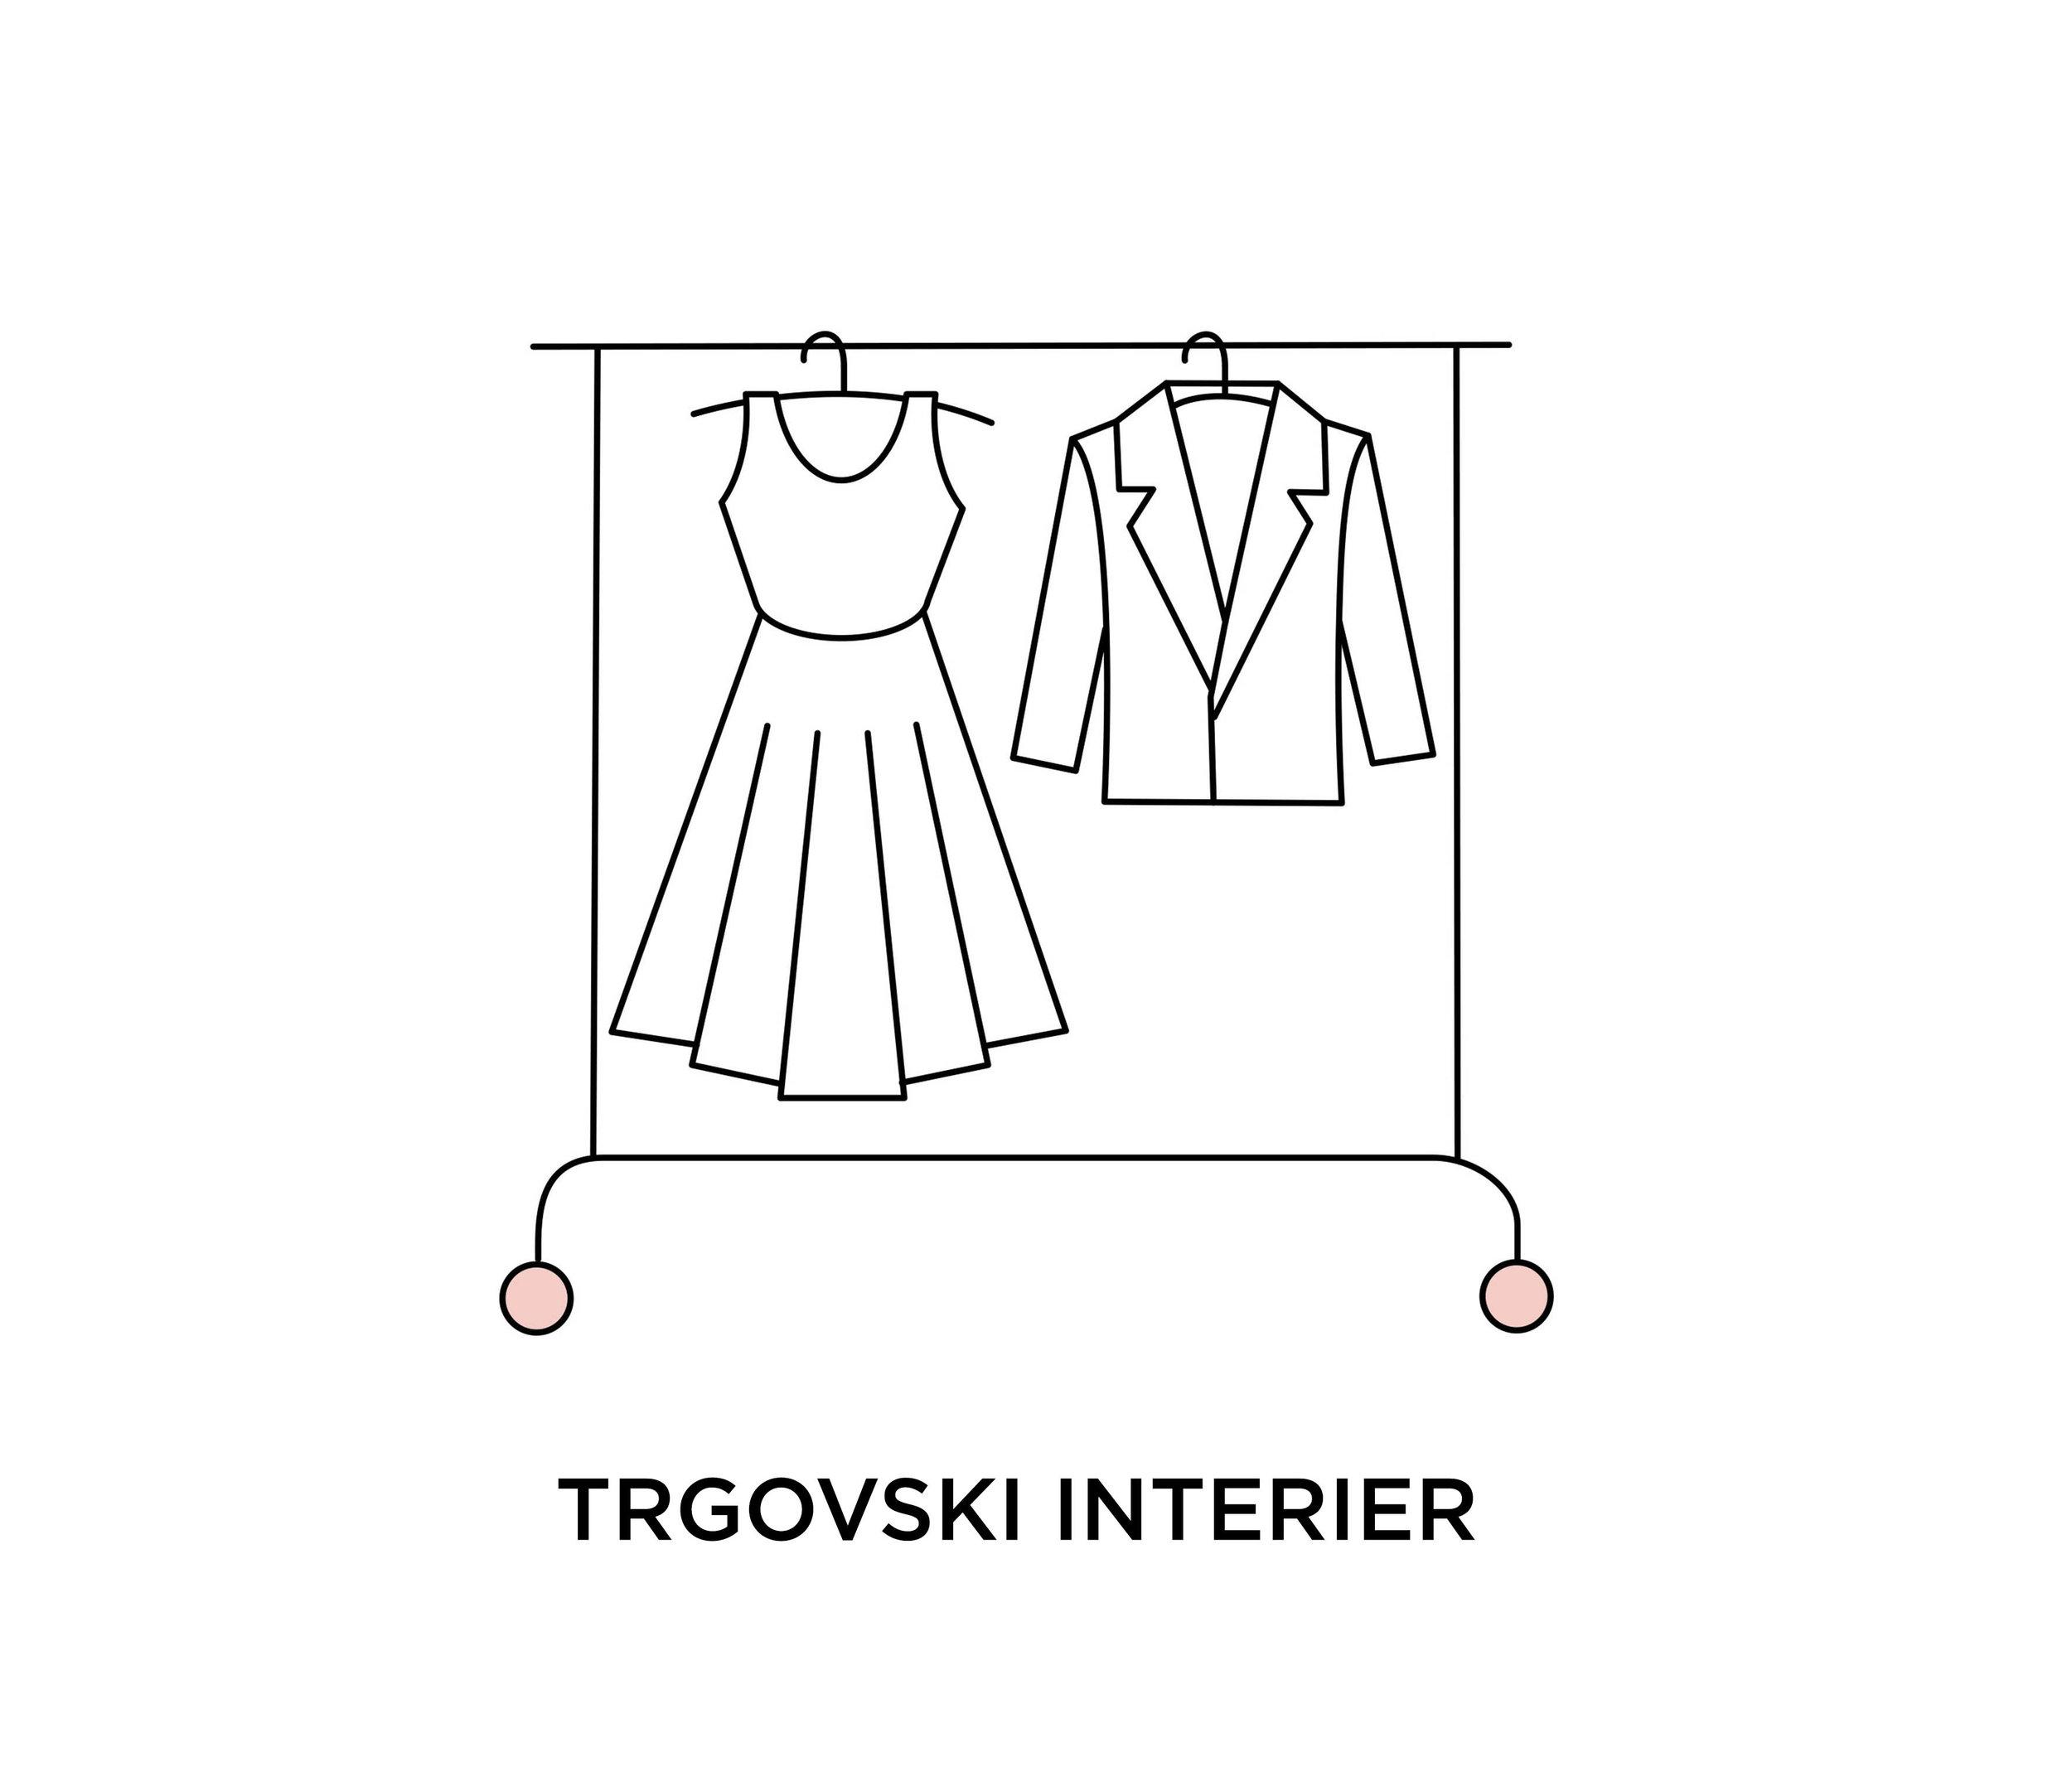 pokestudio_trgovski interierji_1.jpg